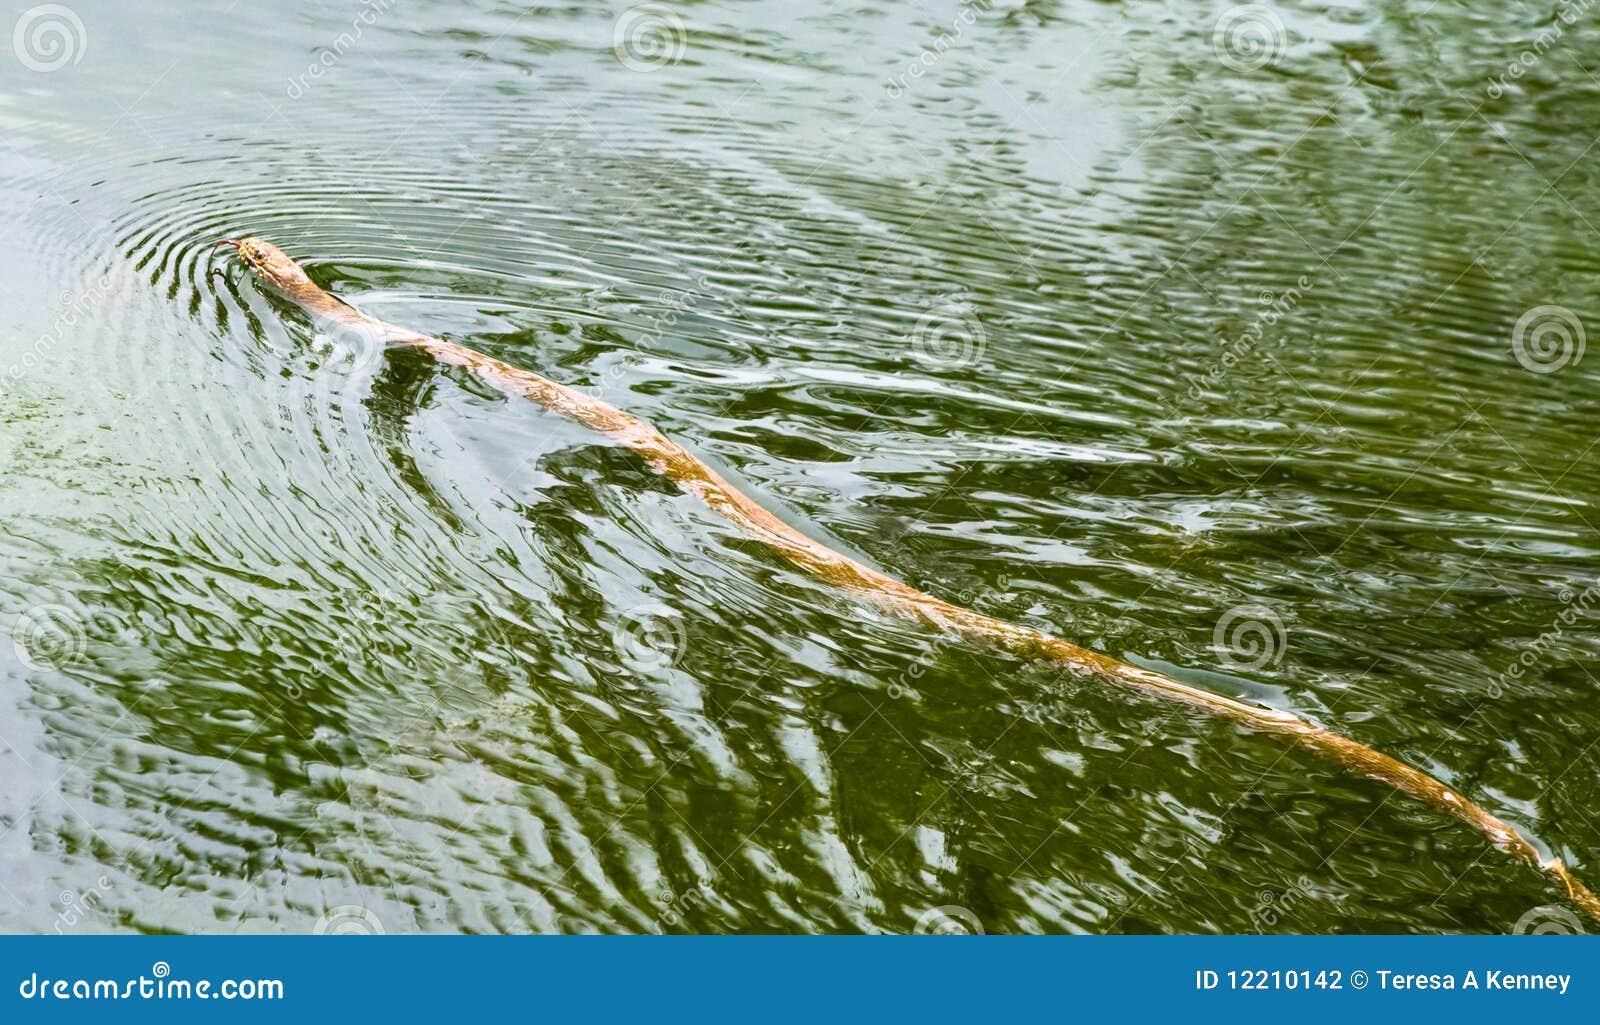 Serpent d eau nordique de Brown